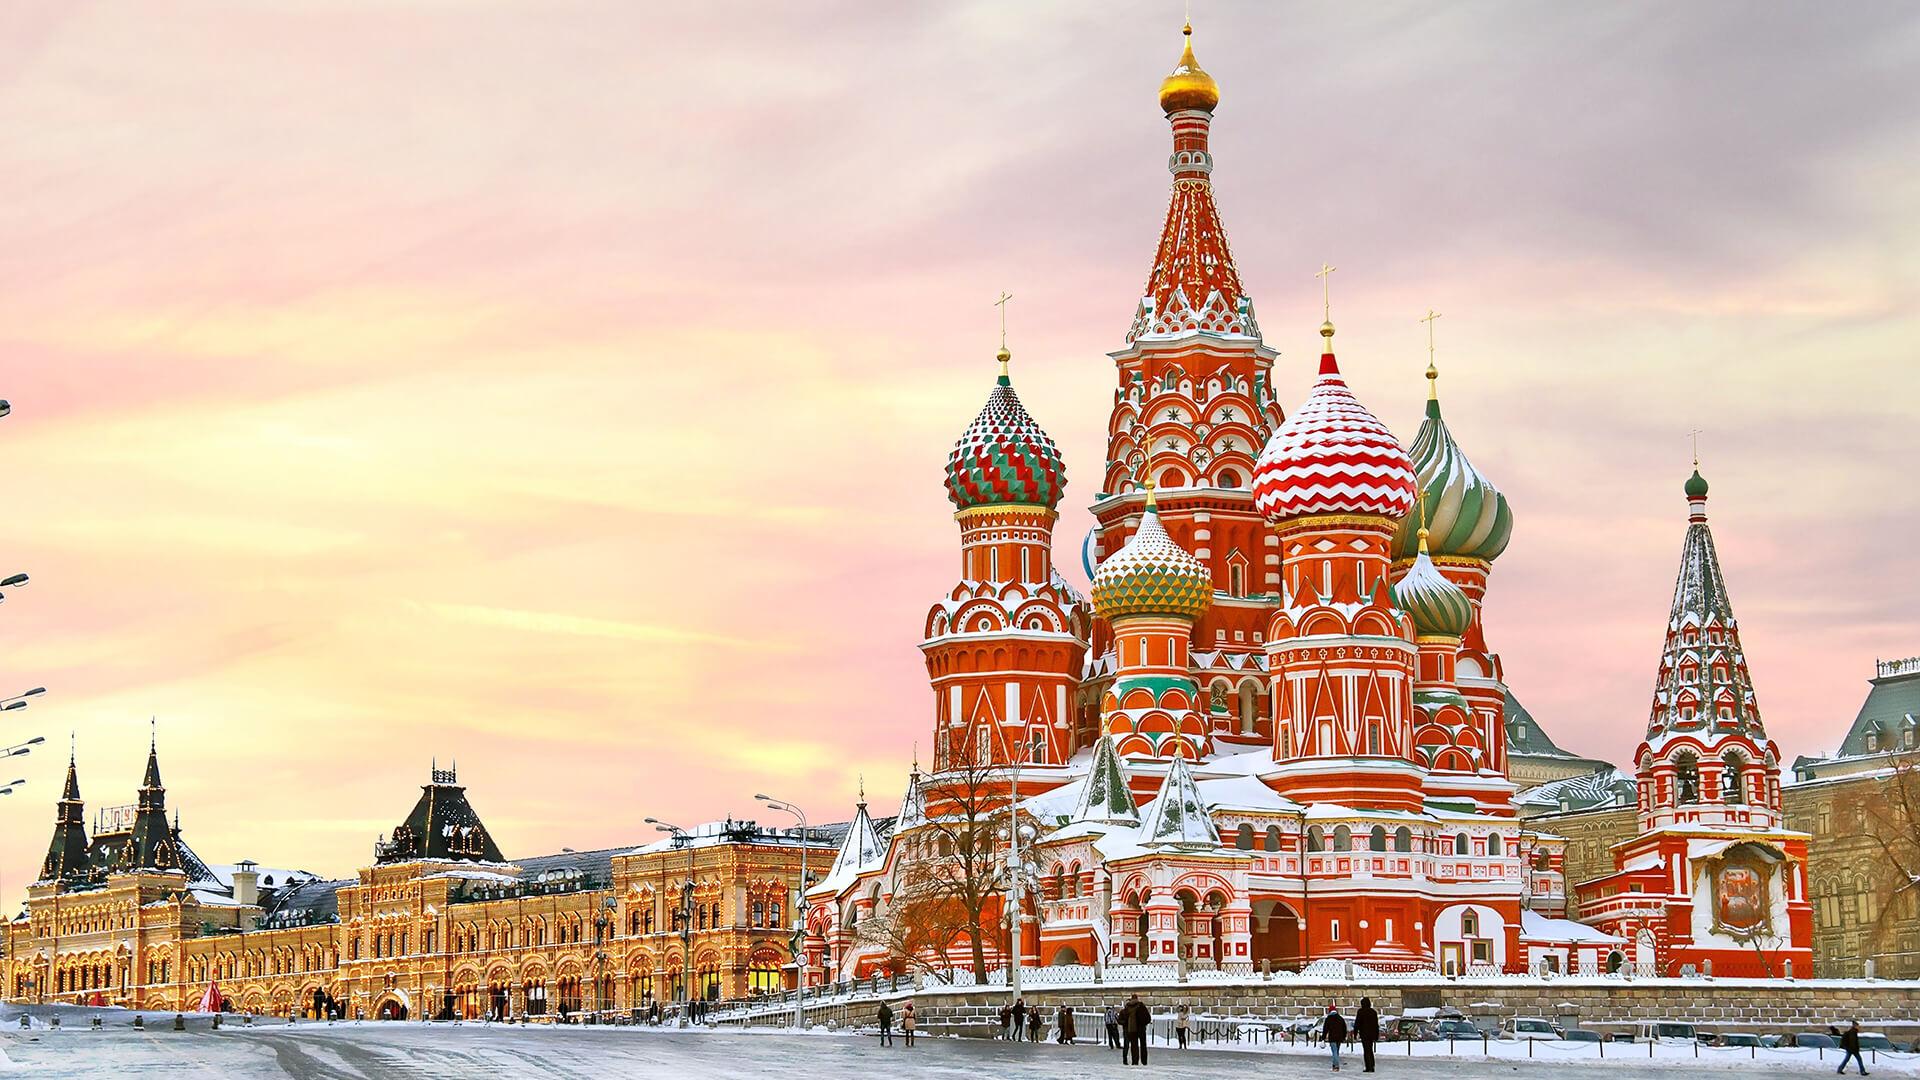 ทัวร์รัสเซีย เที่ยวรัสเซีย แพคเกจรัสเซีย กรุ๊ปเหมา ราคาถูก